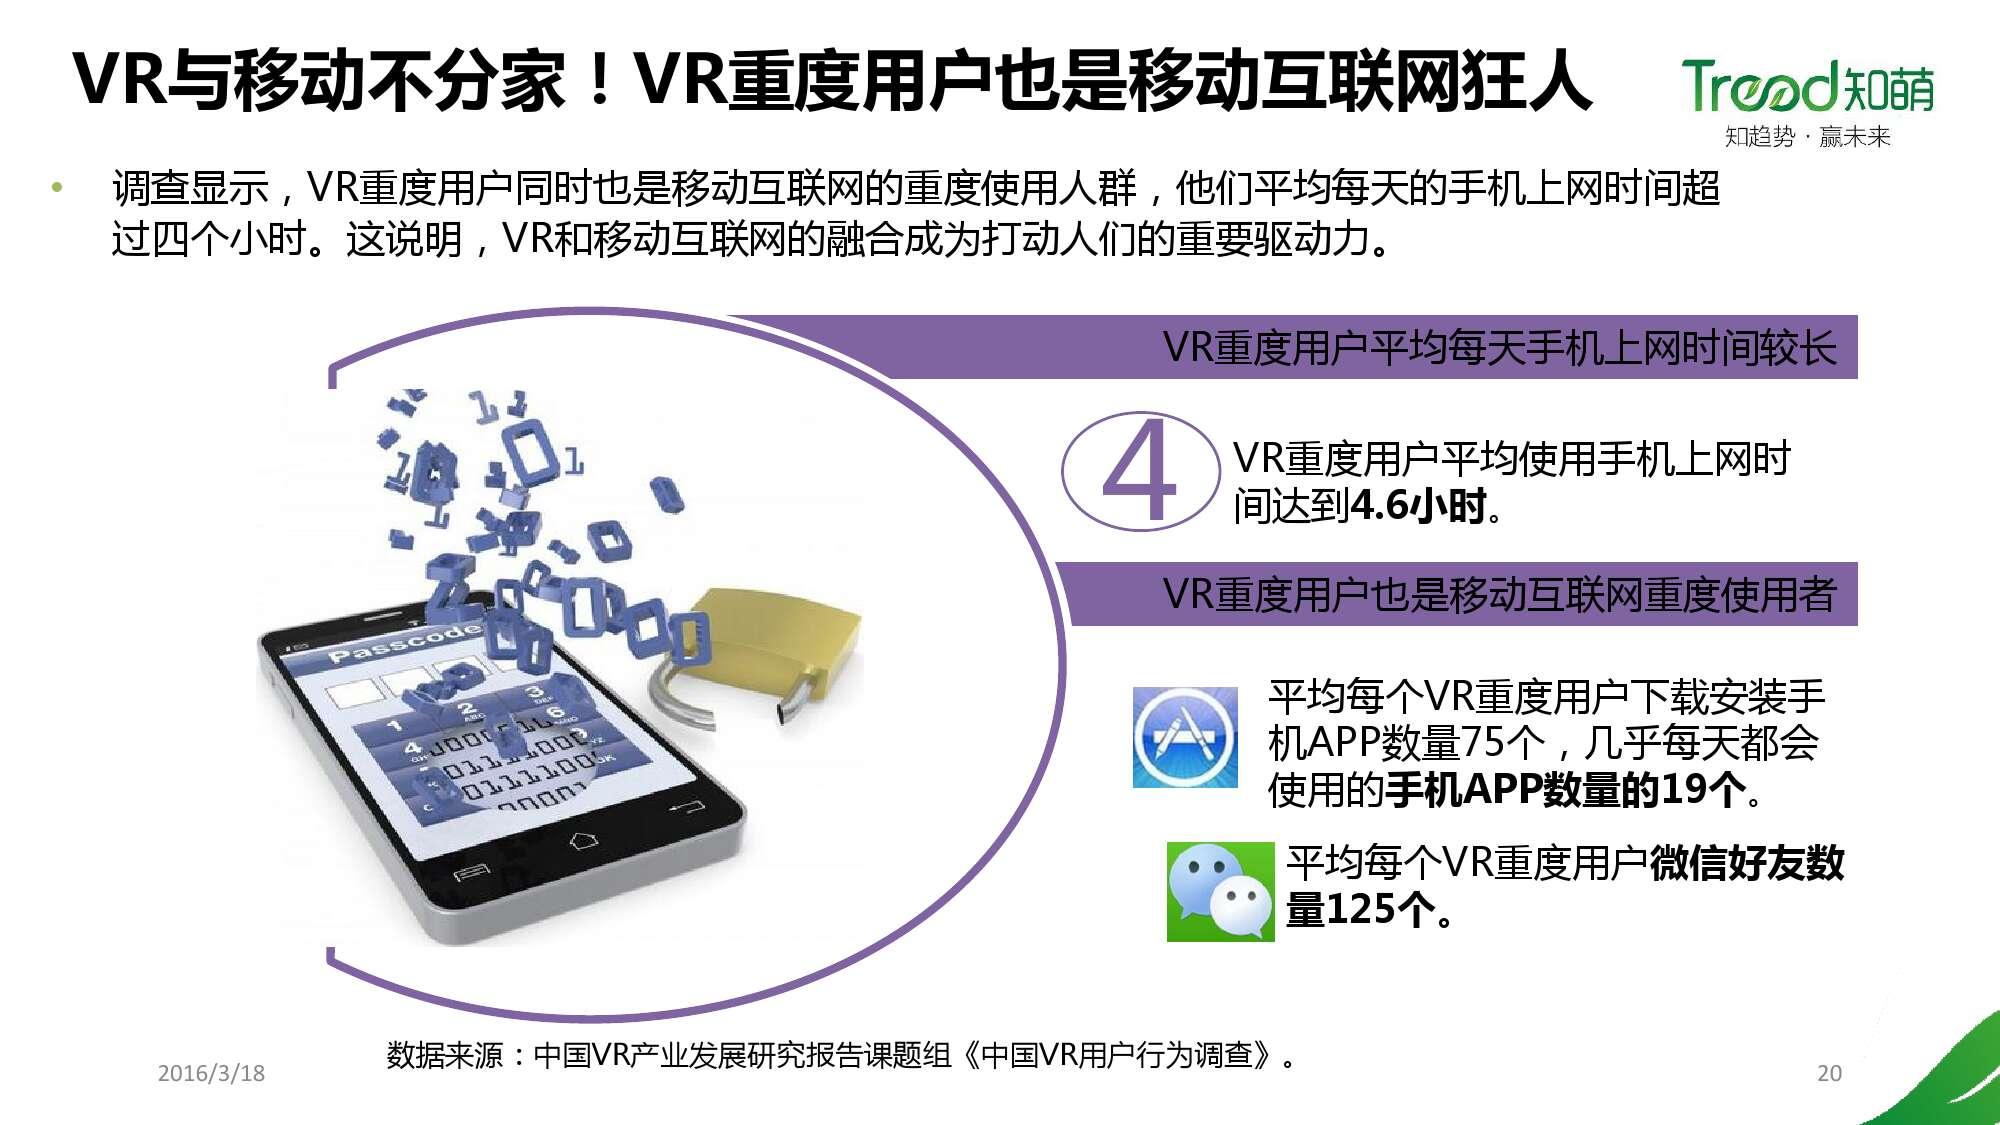 中国VR用户行为研究报告_000020